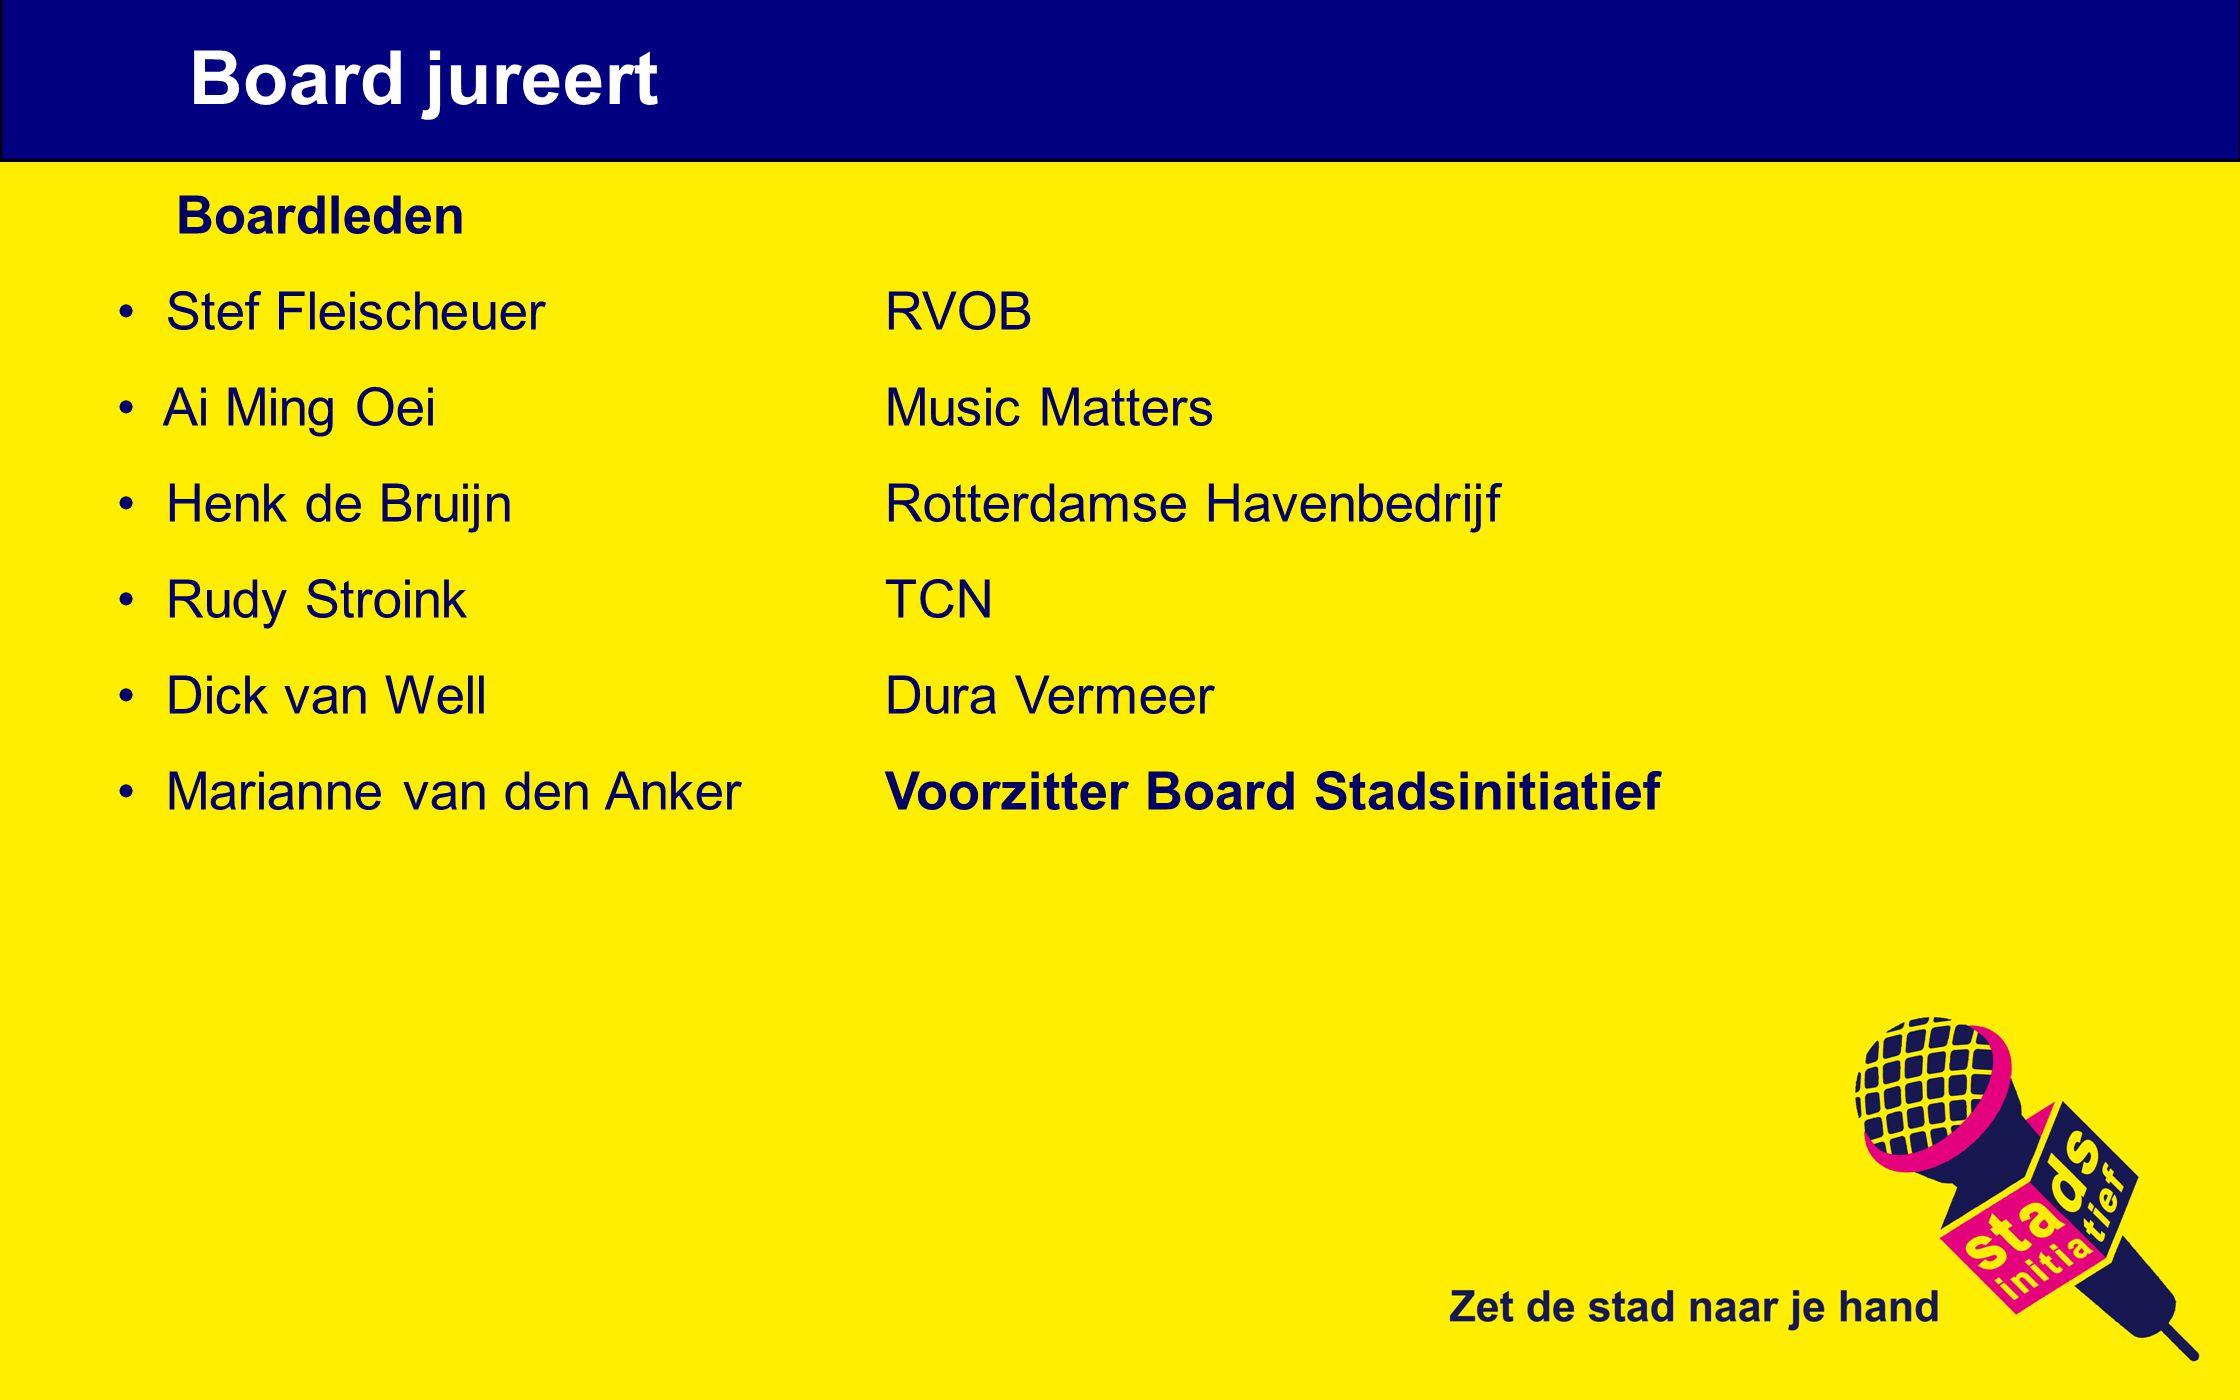 Boardleden Stef Fleischeuer RVOB Ai Ming Oei Music Matters Henk de Bruijn Rotterdamse Havenbedrijf Rudy Stroink TCN Dick van Well Dura Vermeer Mariann